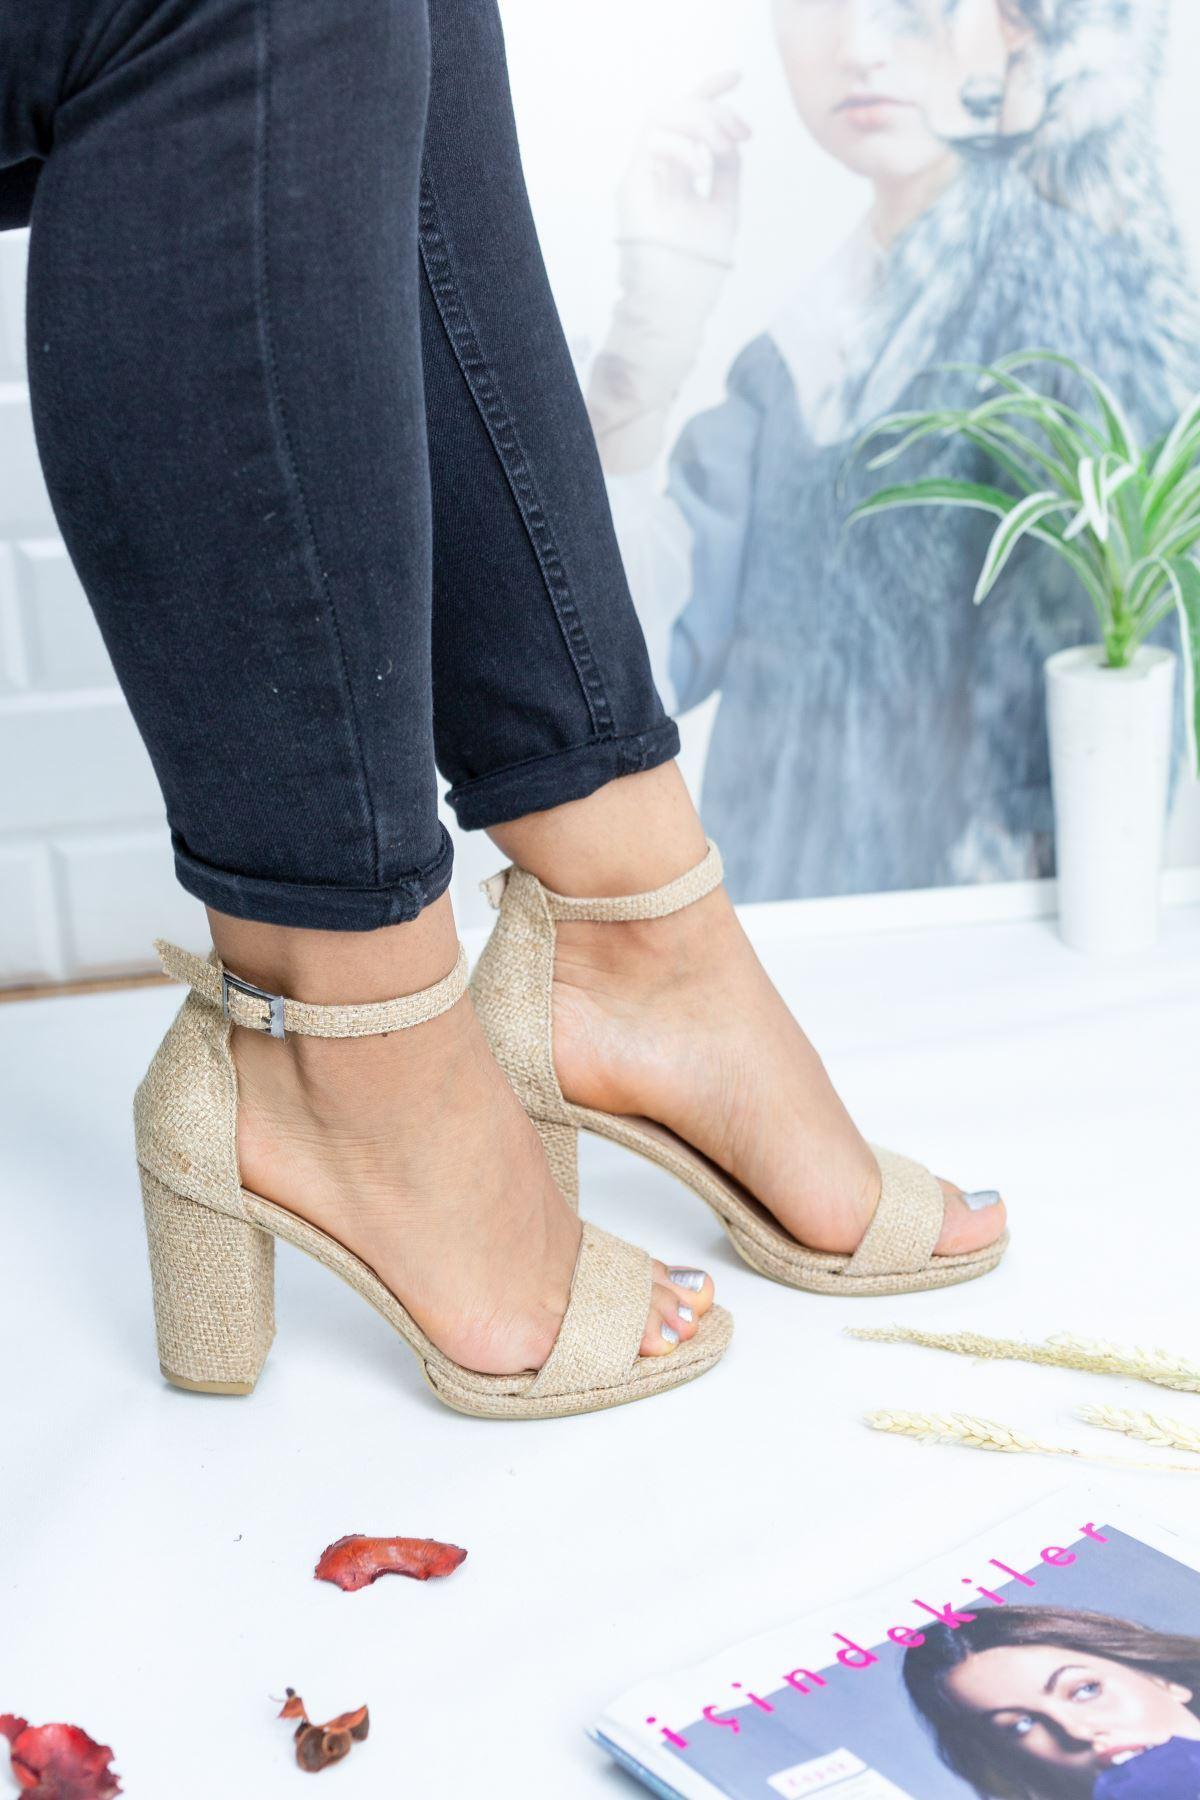 Lenka Hasır Kadın Topuklu Ayakkabı